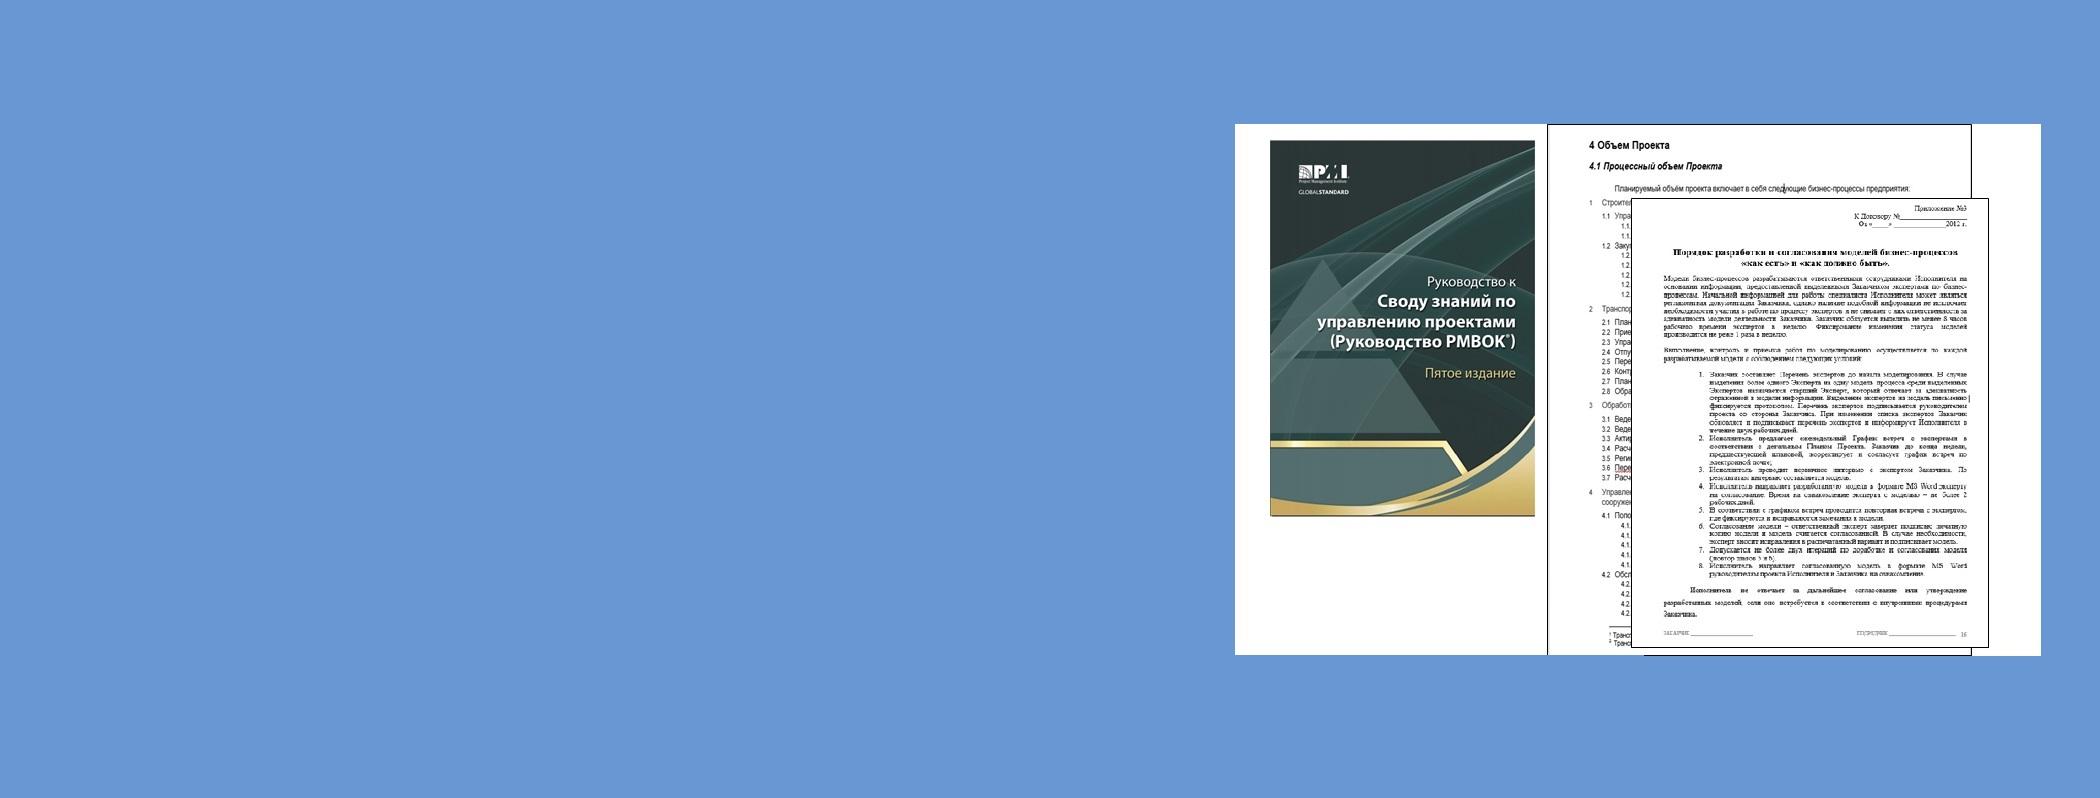 Практическое управление проектами по моделированию и совершенствованию бизнес-процессов